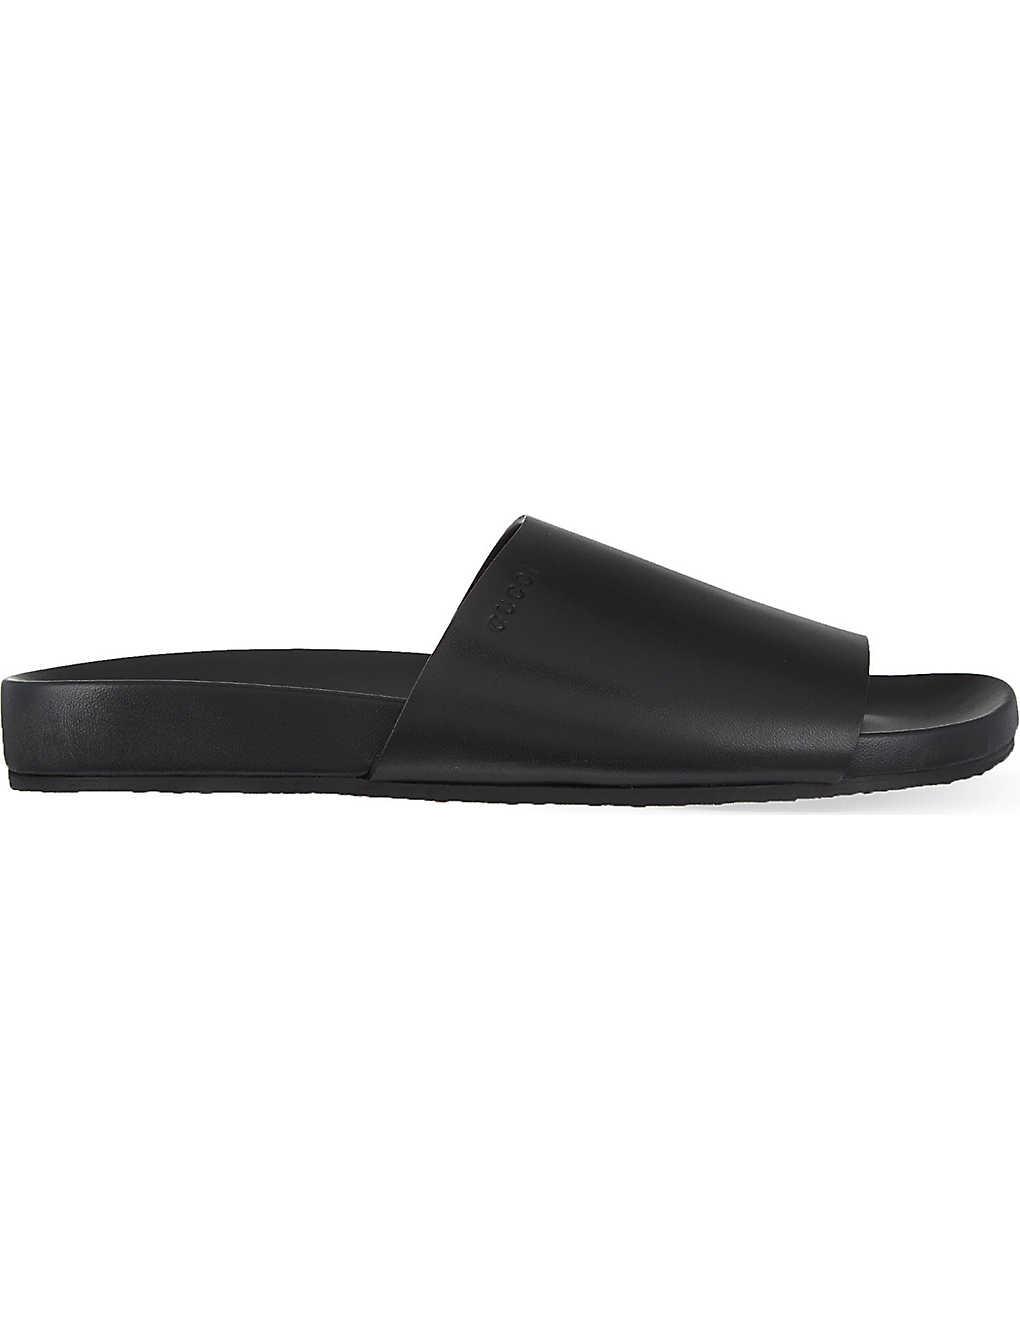 77015393cf89 GUCCI - Zenn slide sandals